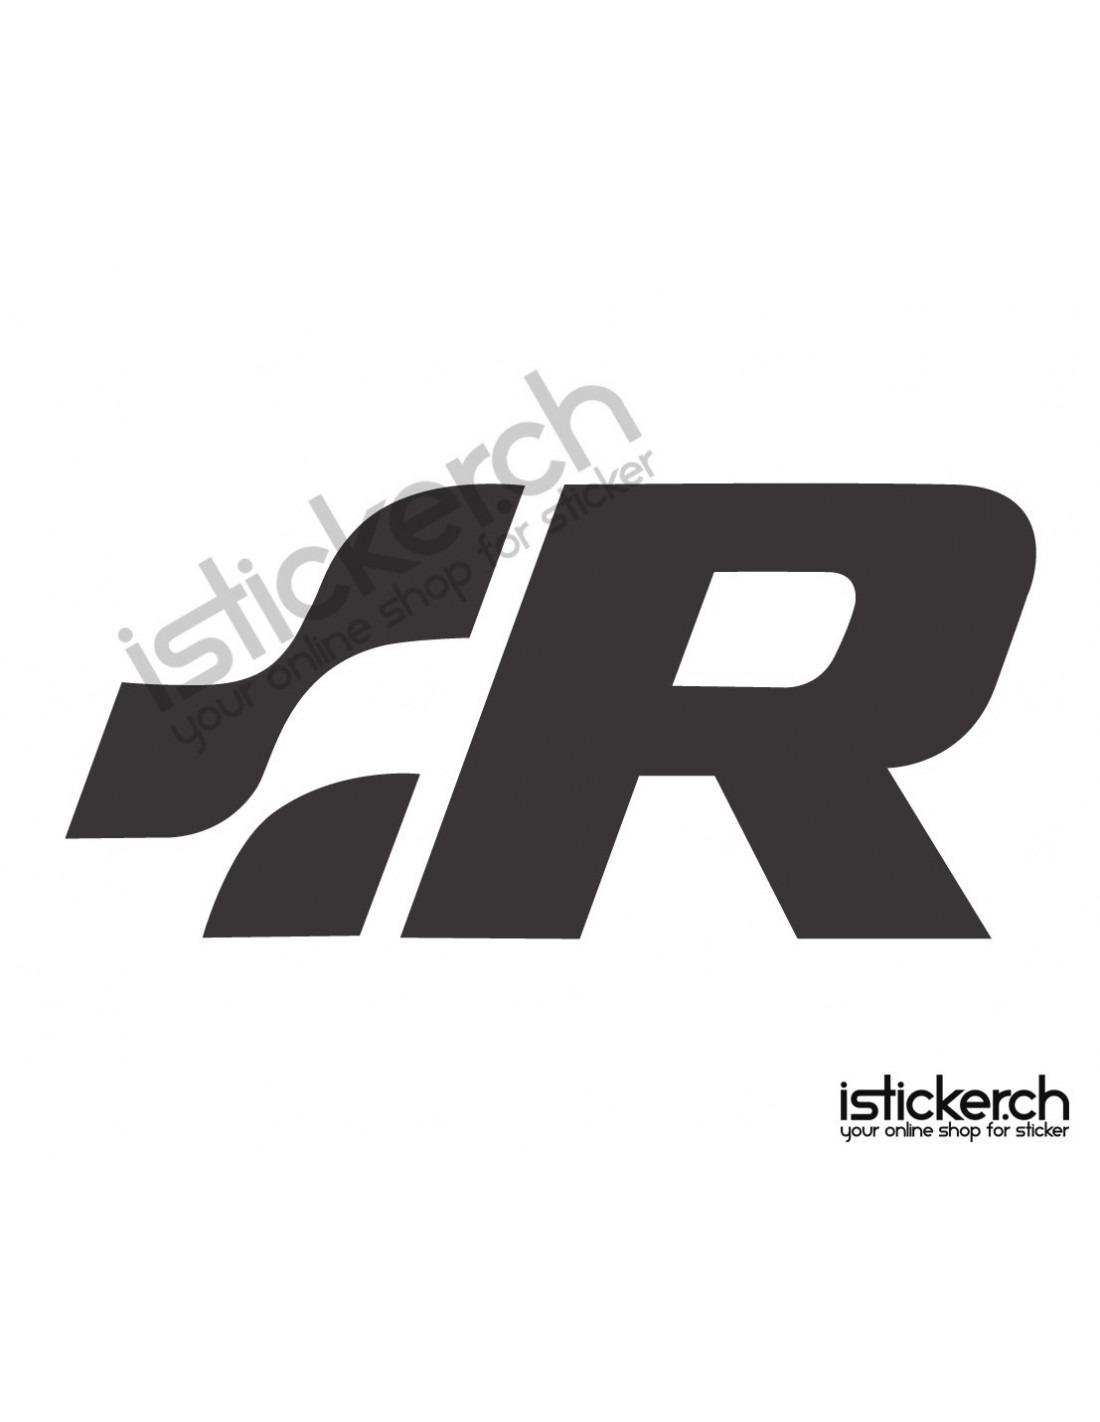 Automarken Vw R Line Istickerch